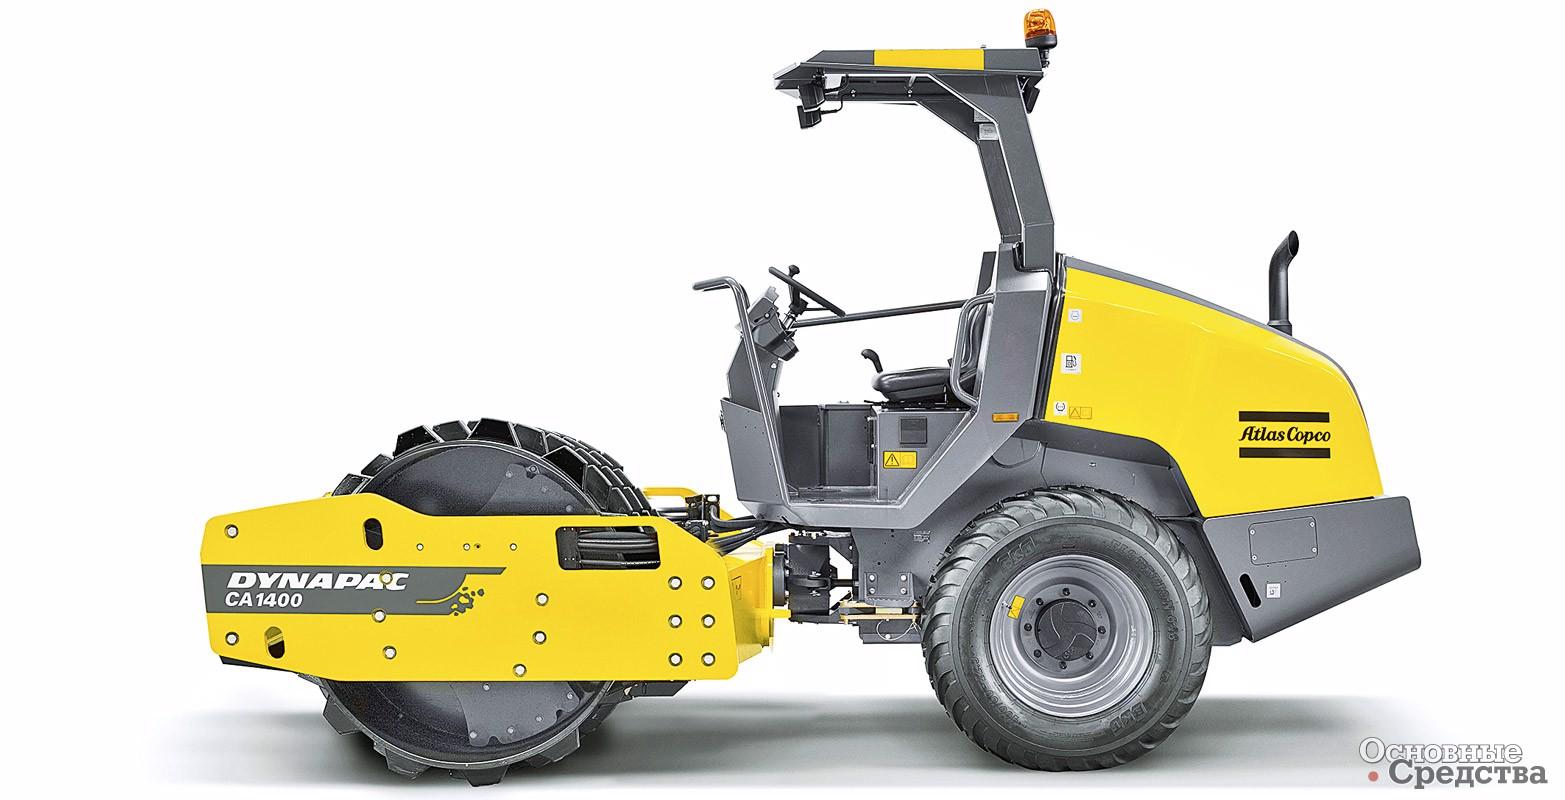 Последнее дополнение к семейству уплотняющих машин Dynapac для грунта – новый каток CA1400